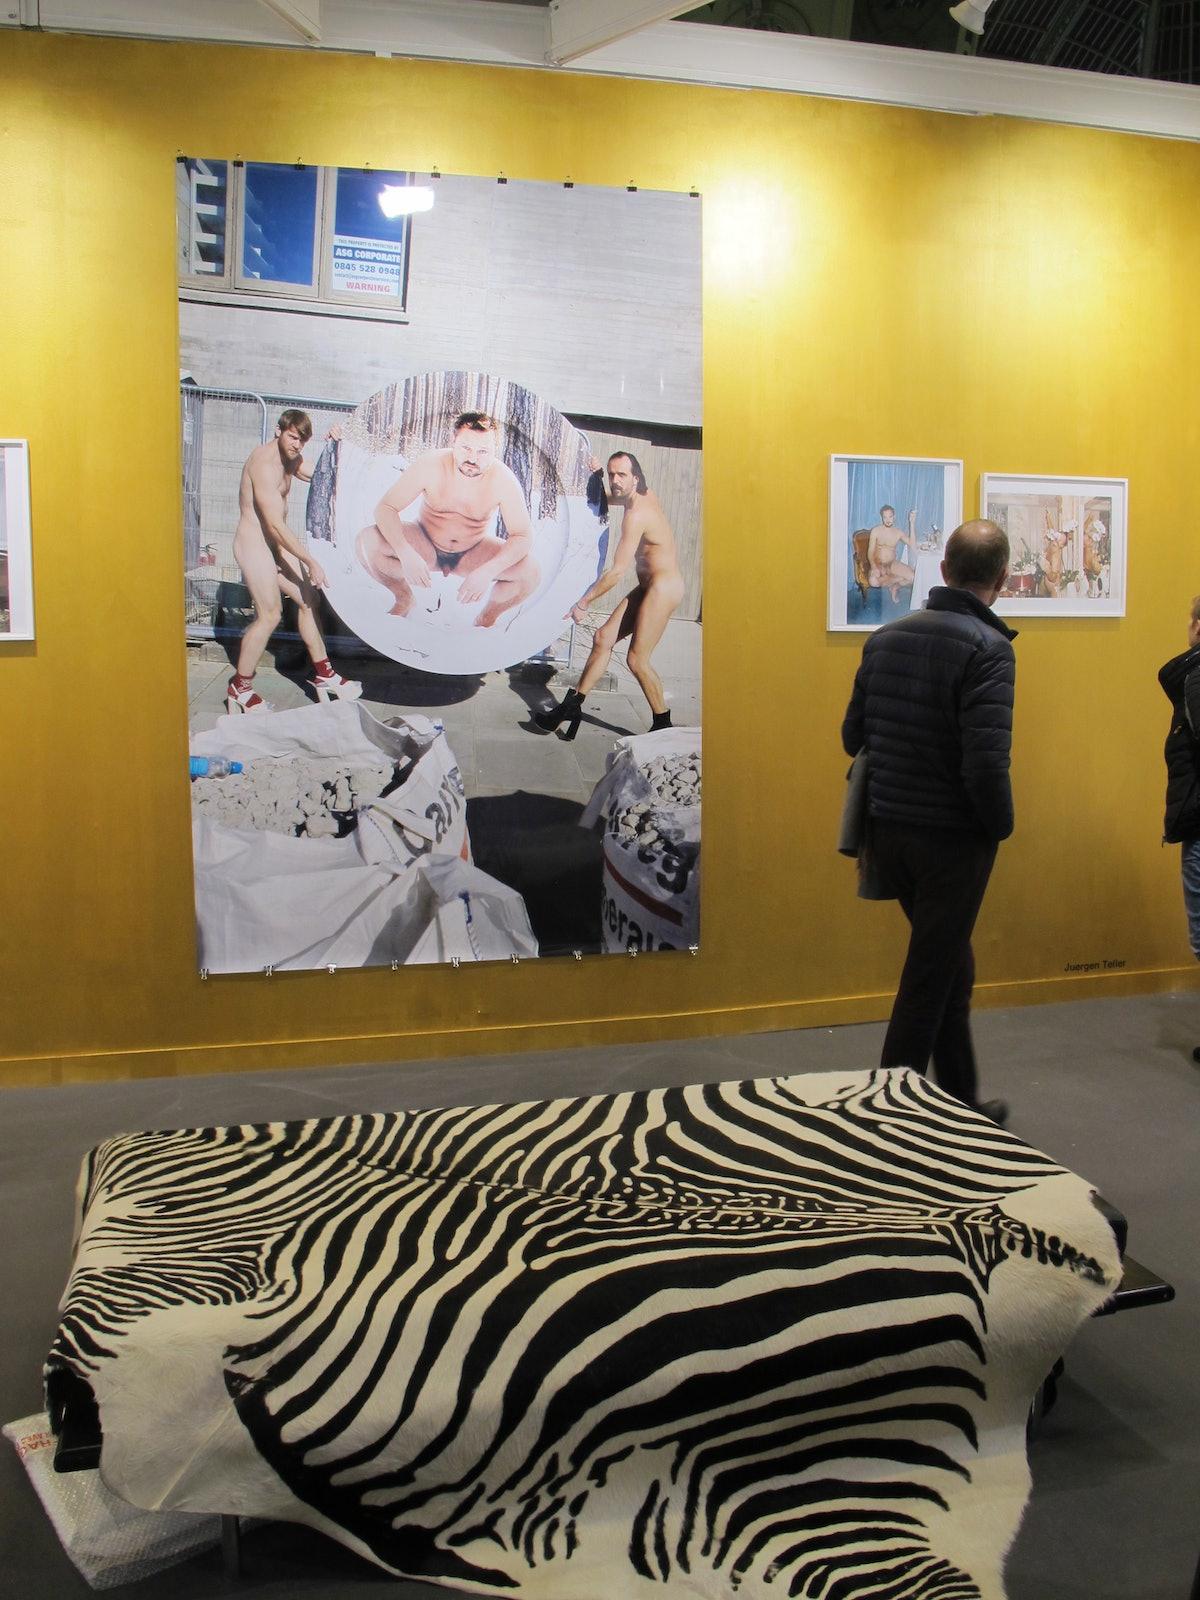 گالری Suzanne Tarasieve نشان دهنده آثار Juergen Telle در پاریس ، فرانسه است که در 09 نوامبر مشاهده شده است ...